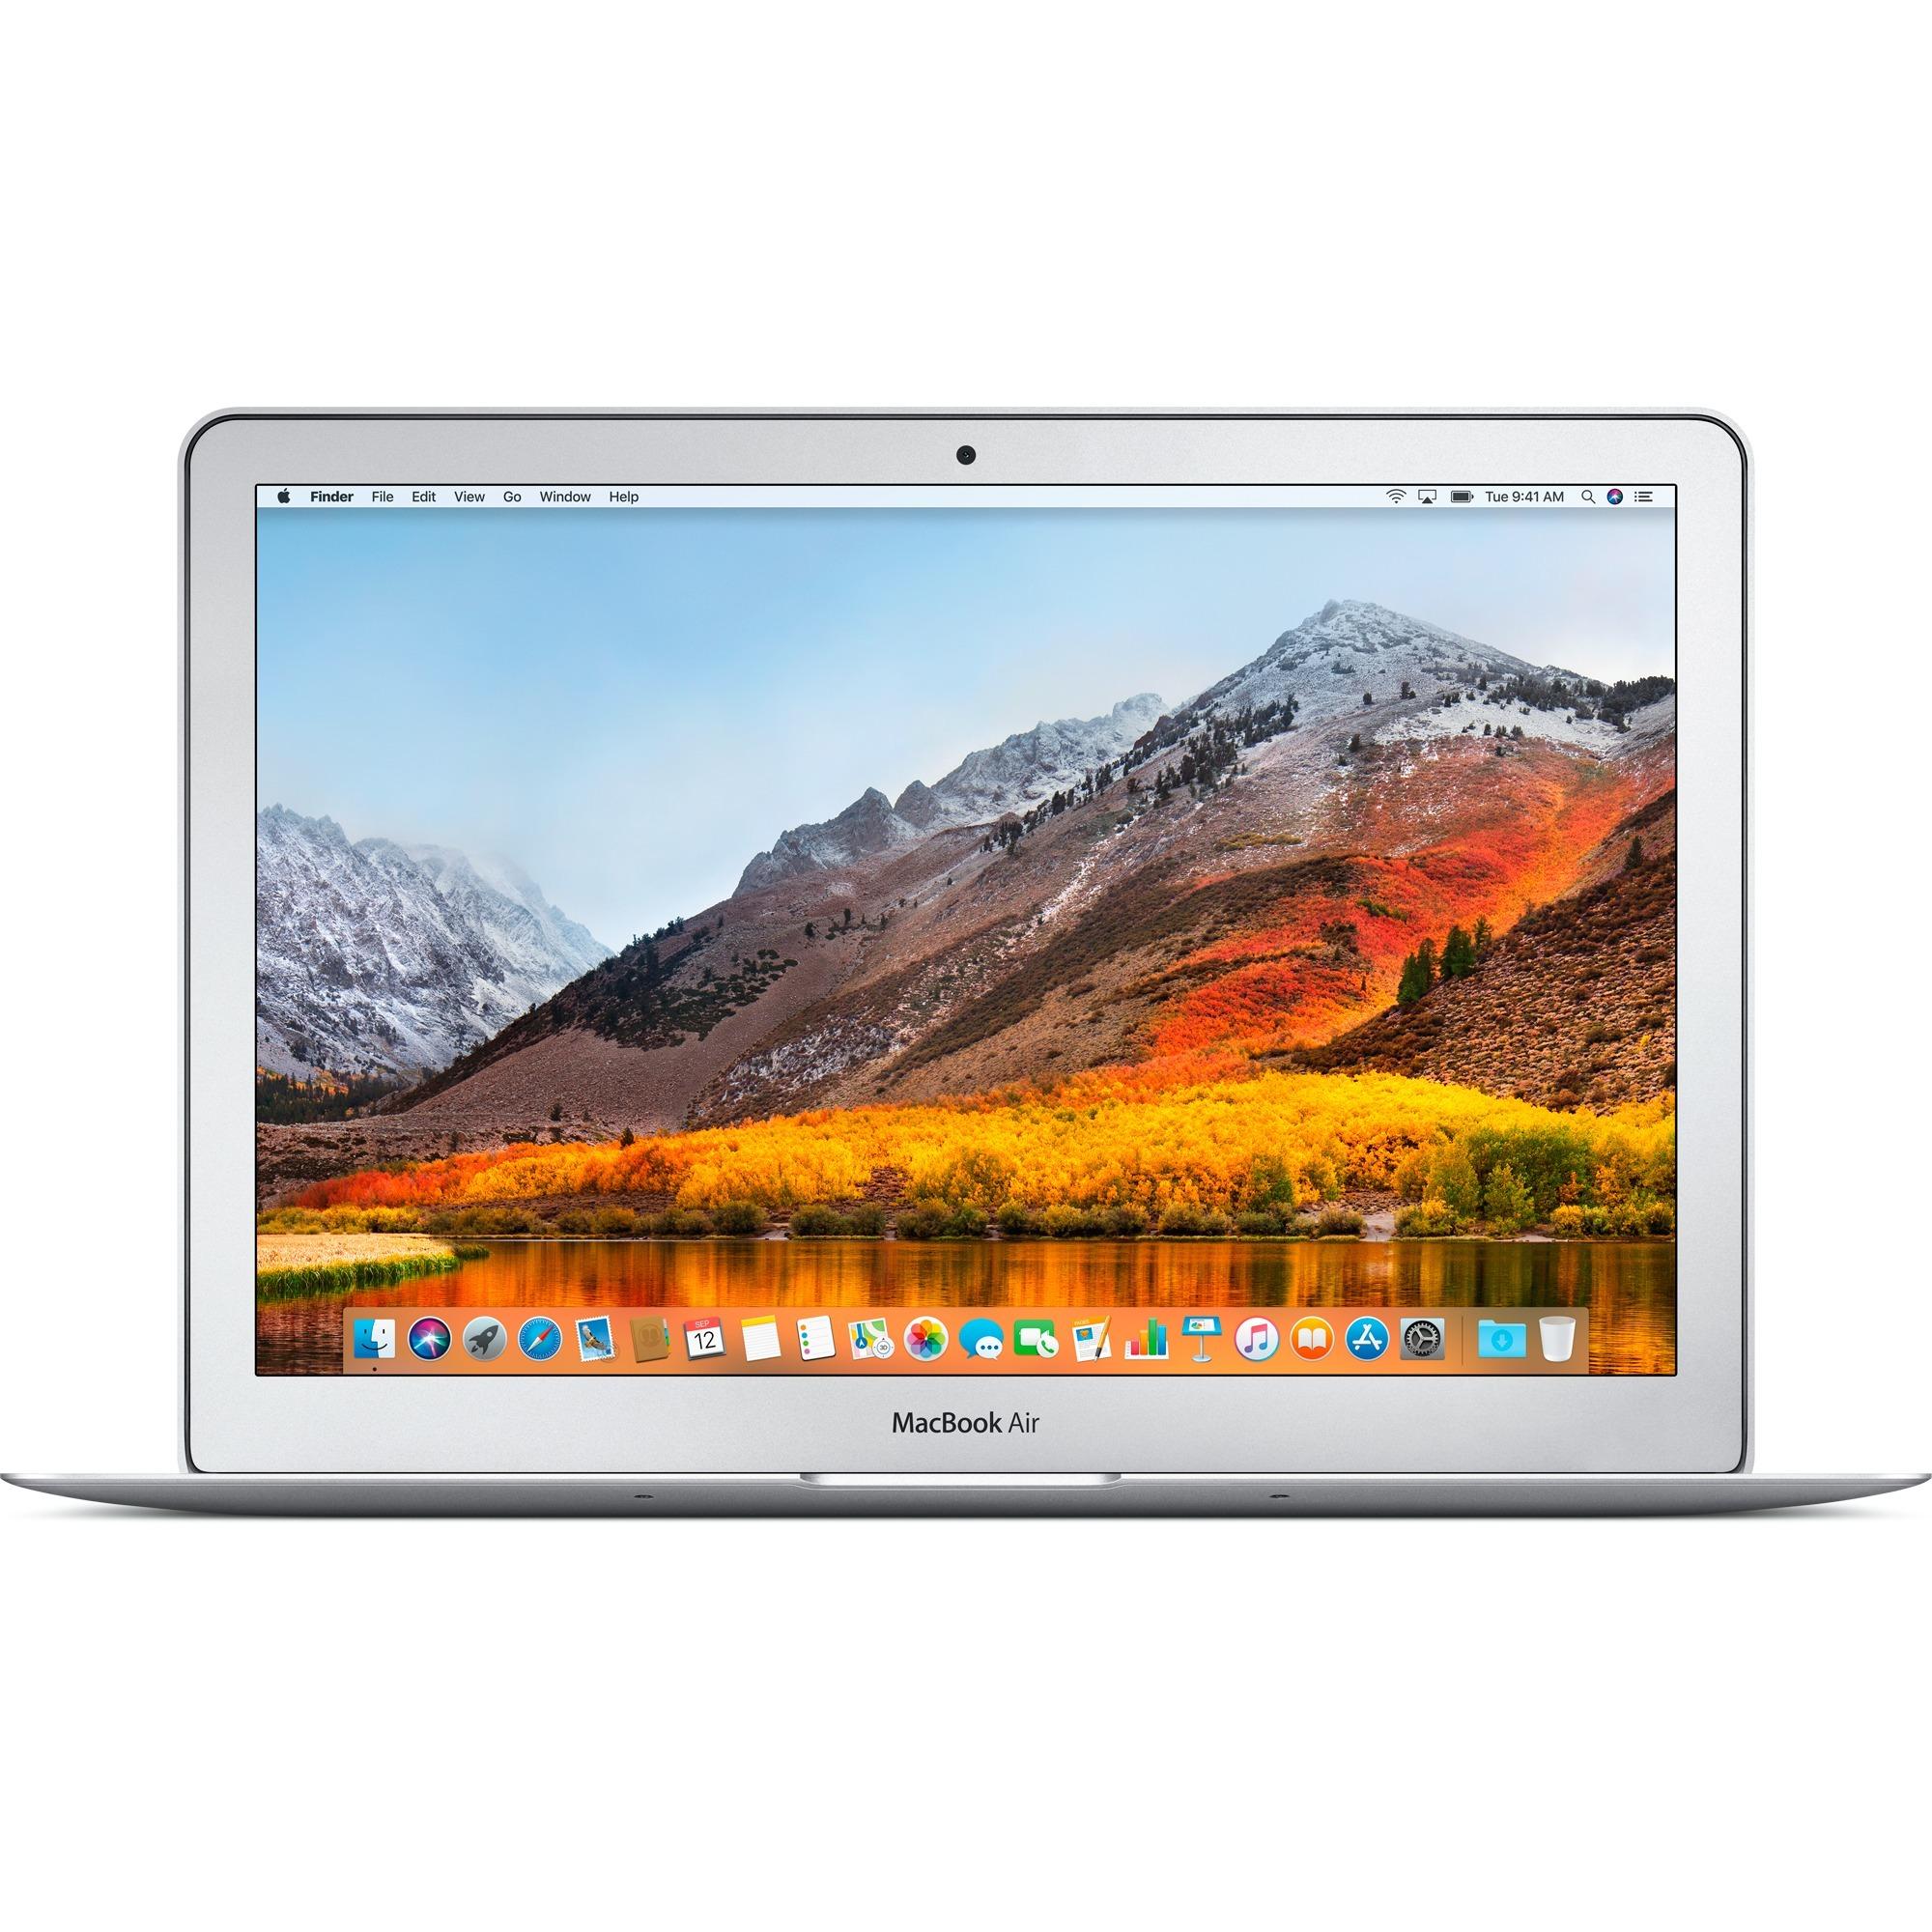 MacBook Air 1.8GHz 13.3